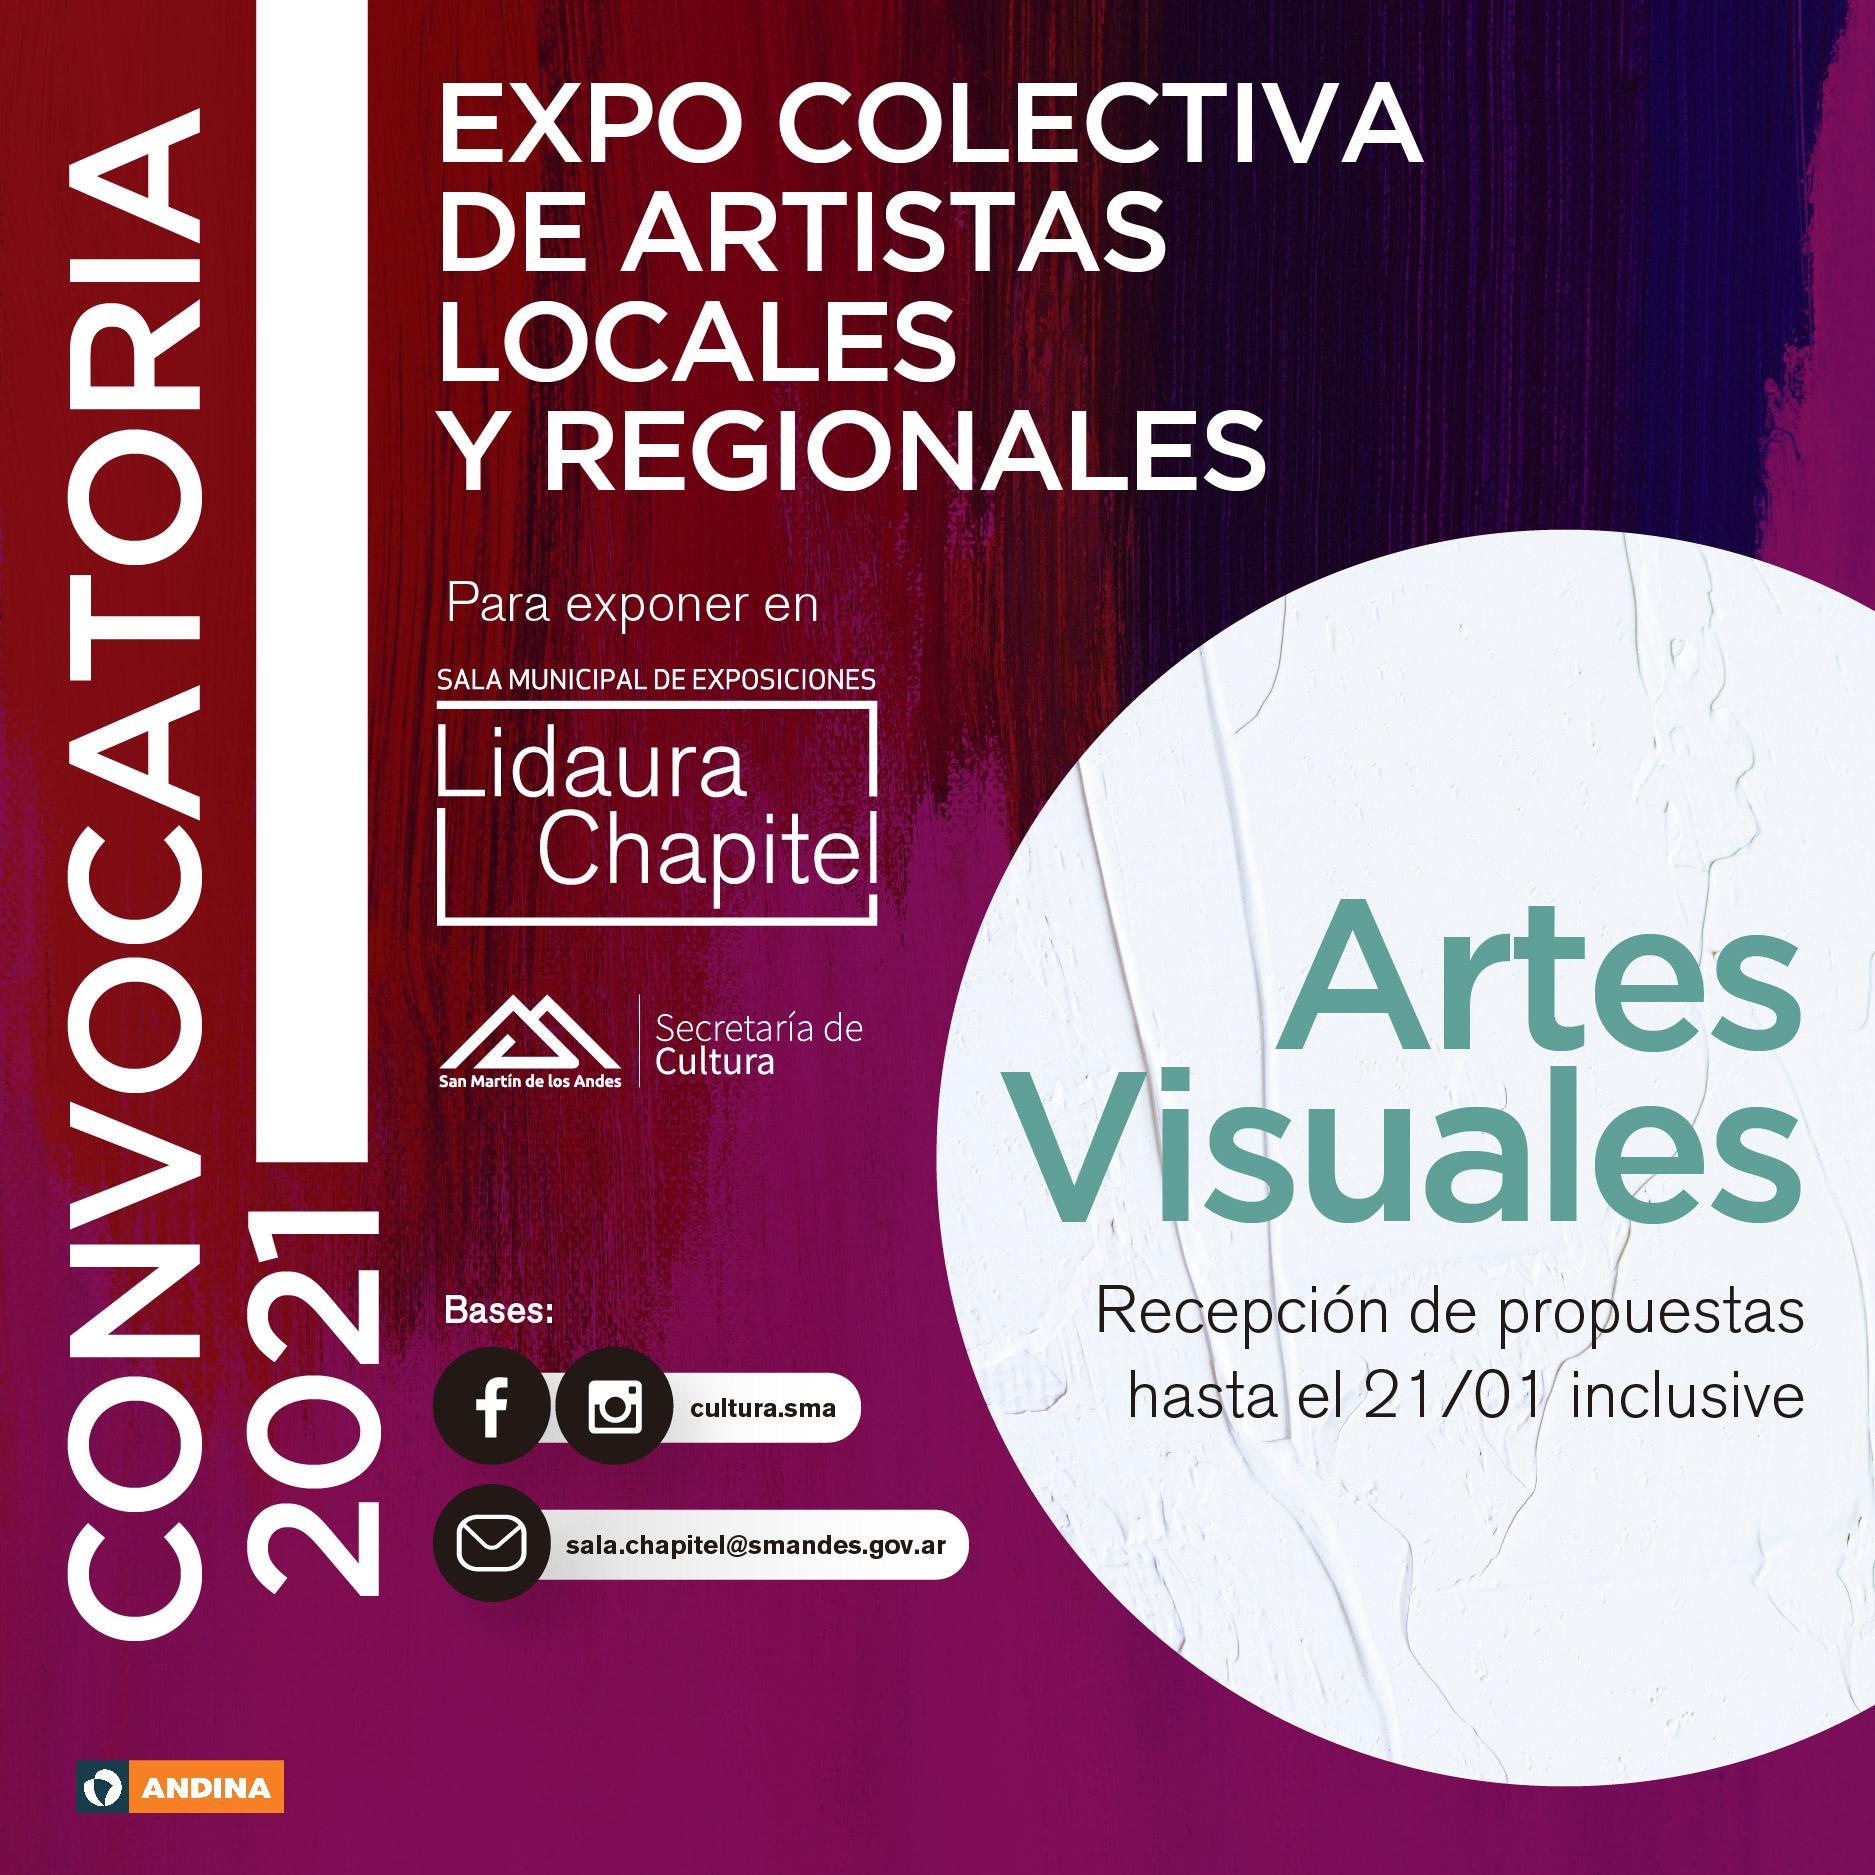 Convocatoria a una Expo Colectiva de artistas locales y regionales